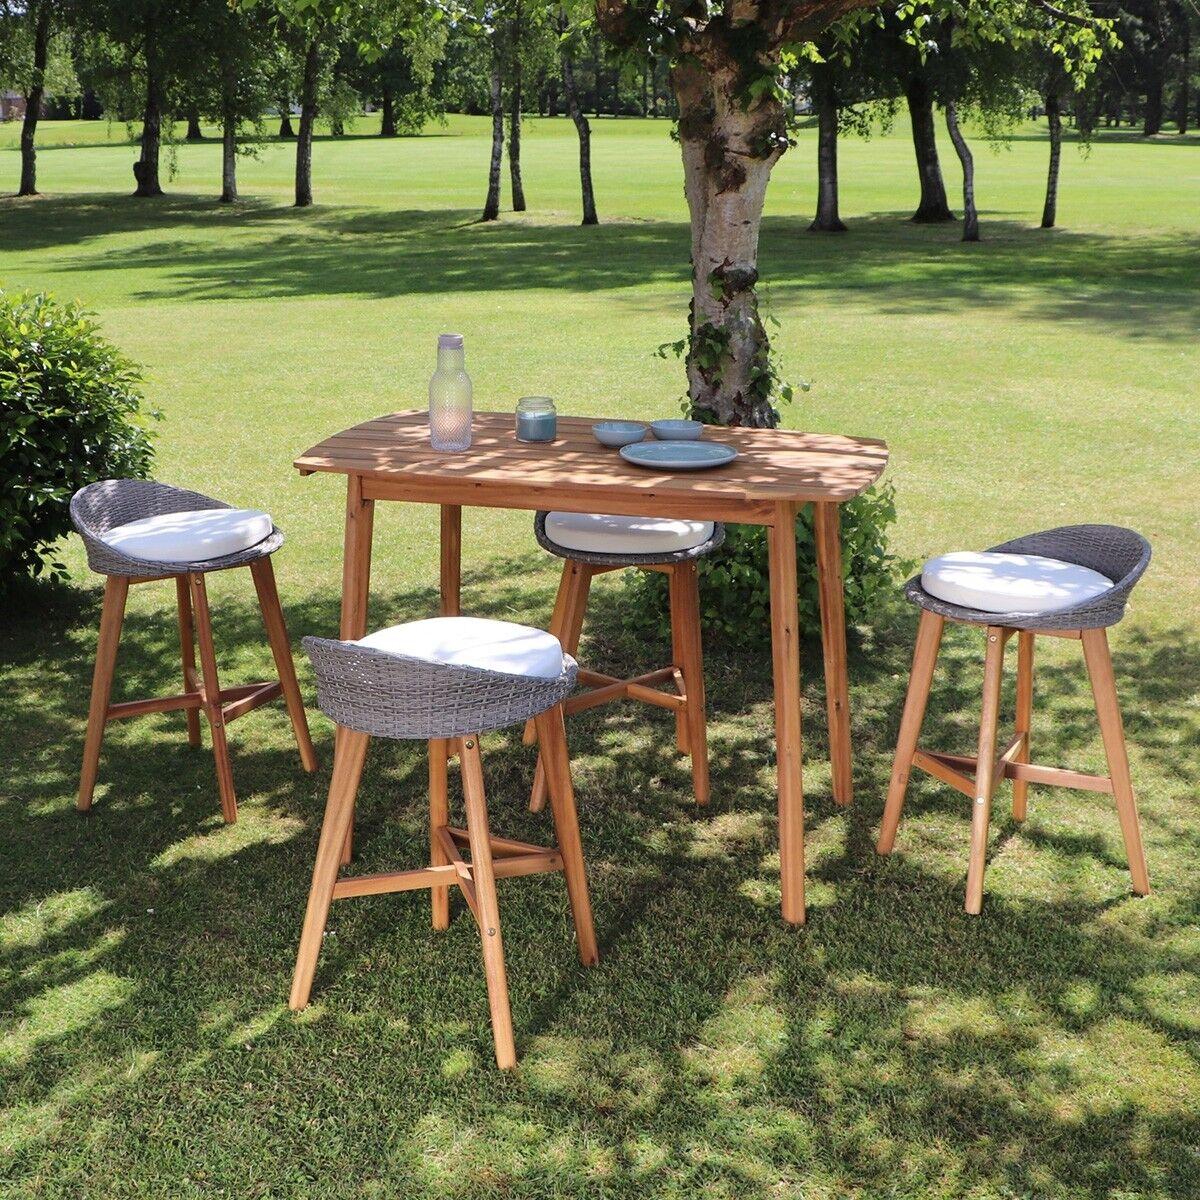 BOIS DESSUS BOIS DESSOUS Salon de jardin haut en bois d'acacia 4 places BOIS DESSUS BOIS DESSOUS